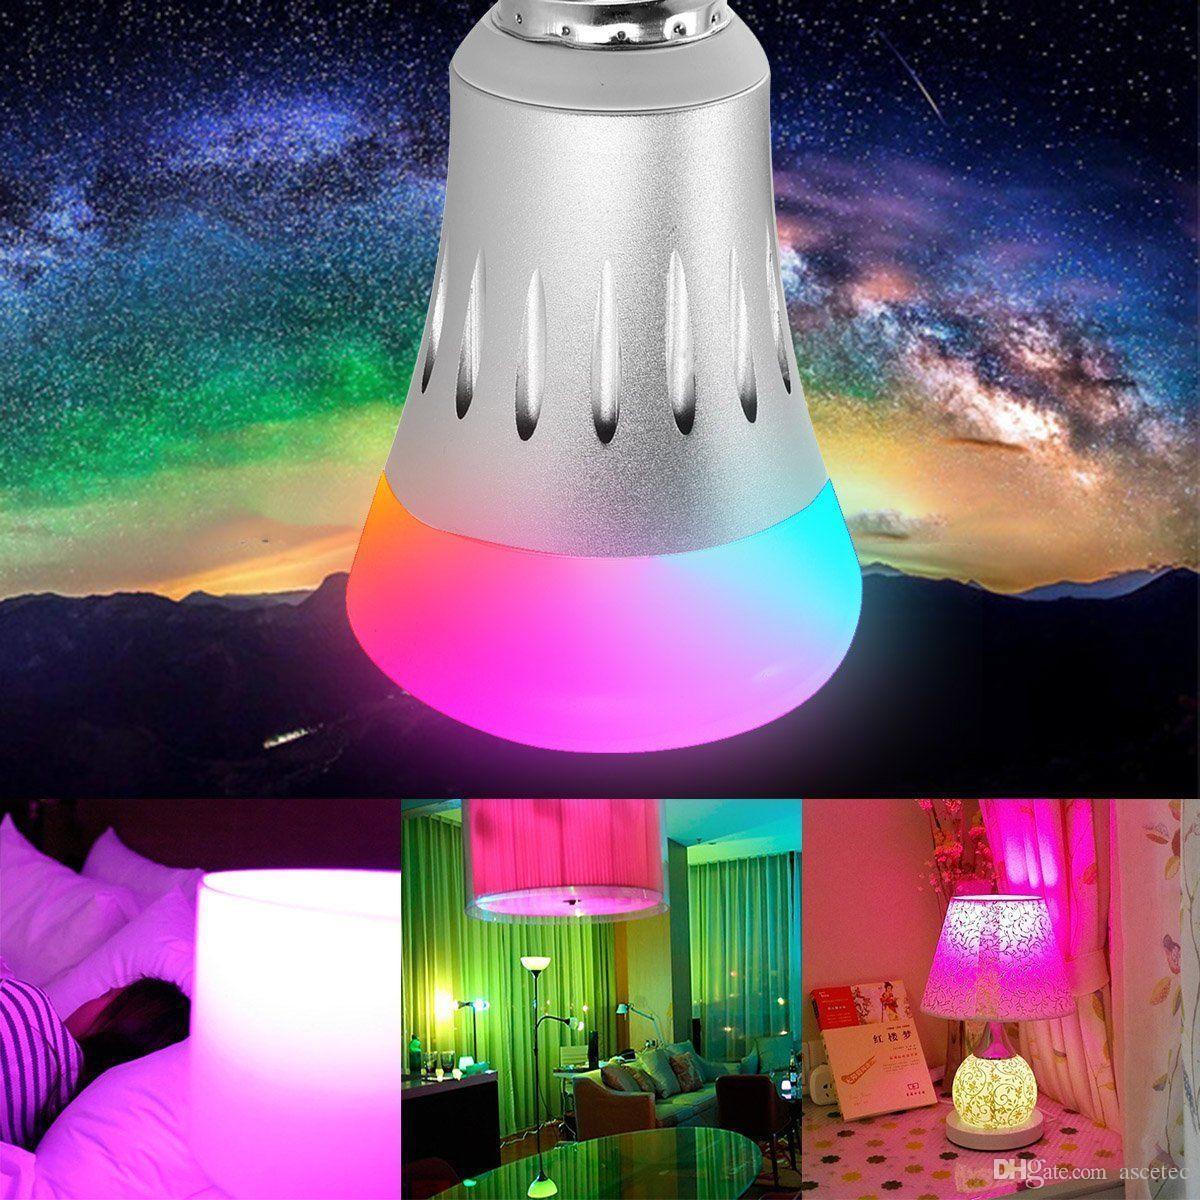 المصباح LED الفانوس الذكي اليكسا لمبة الإضاءة عاكس اللون RGBW يعمل لمبة الأنوار مع Echo Alexa